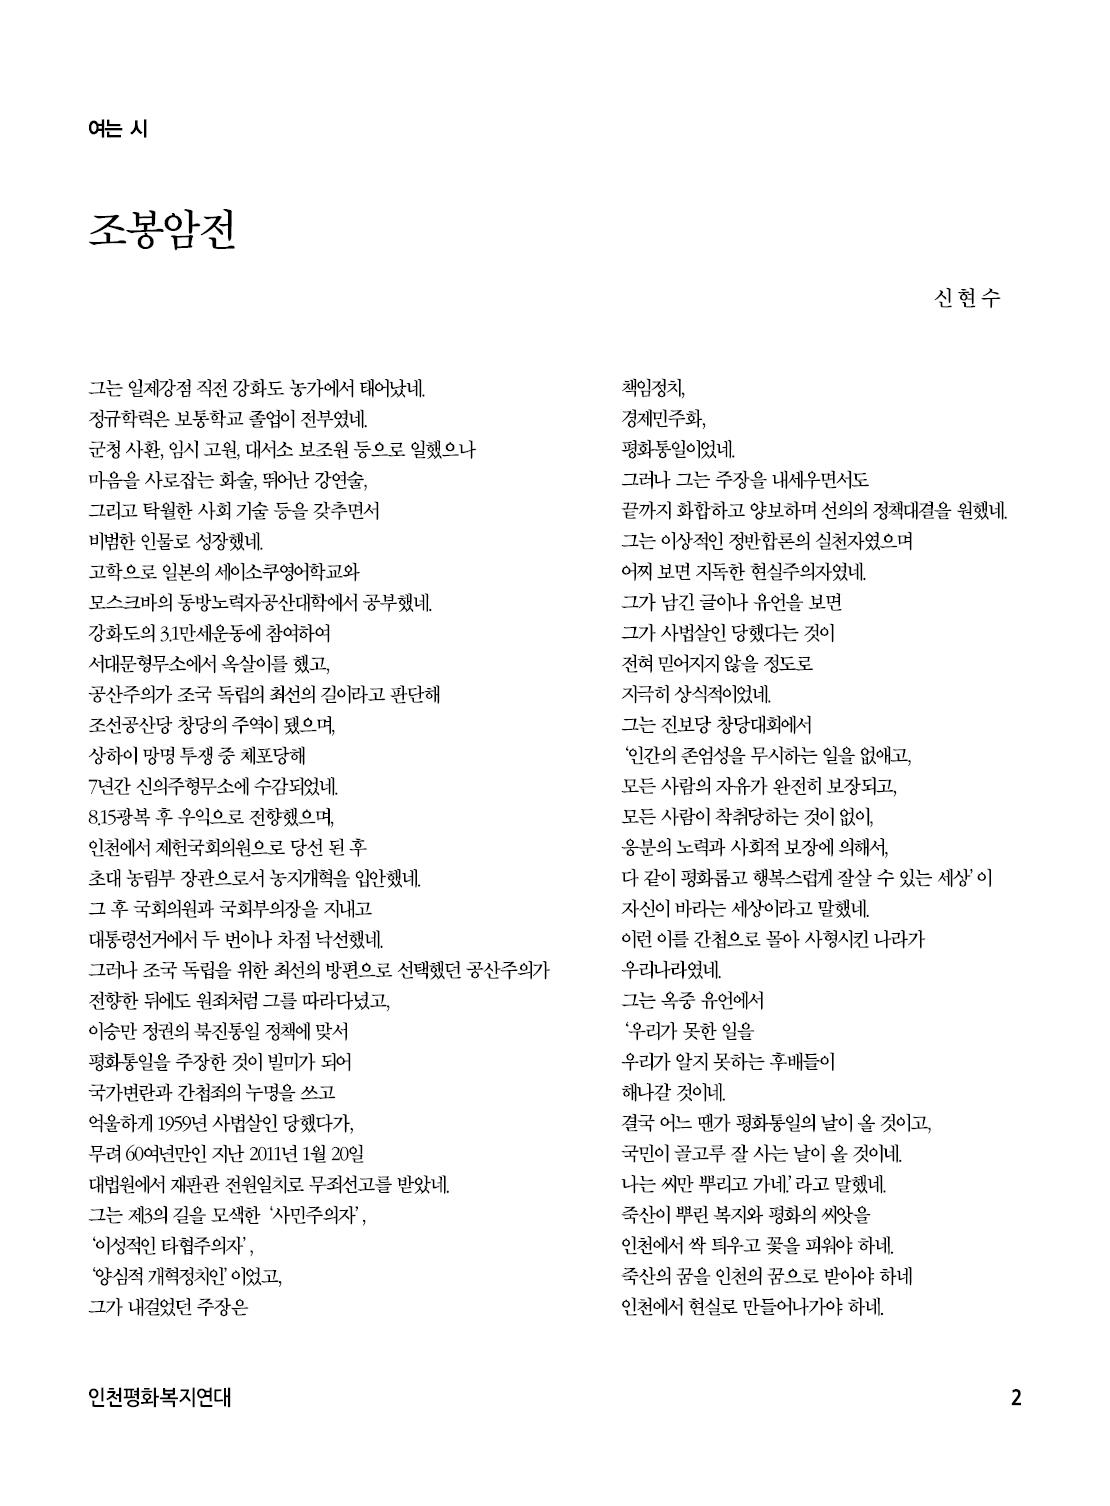 아웃라인 인천평화복지연대 창간준비2호2.jpg